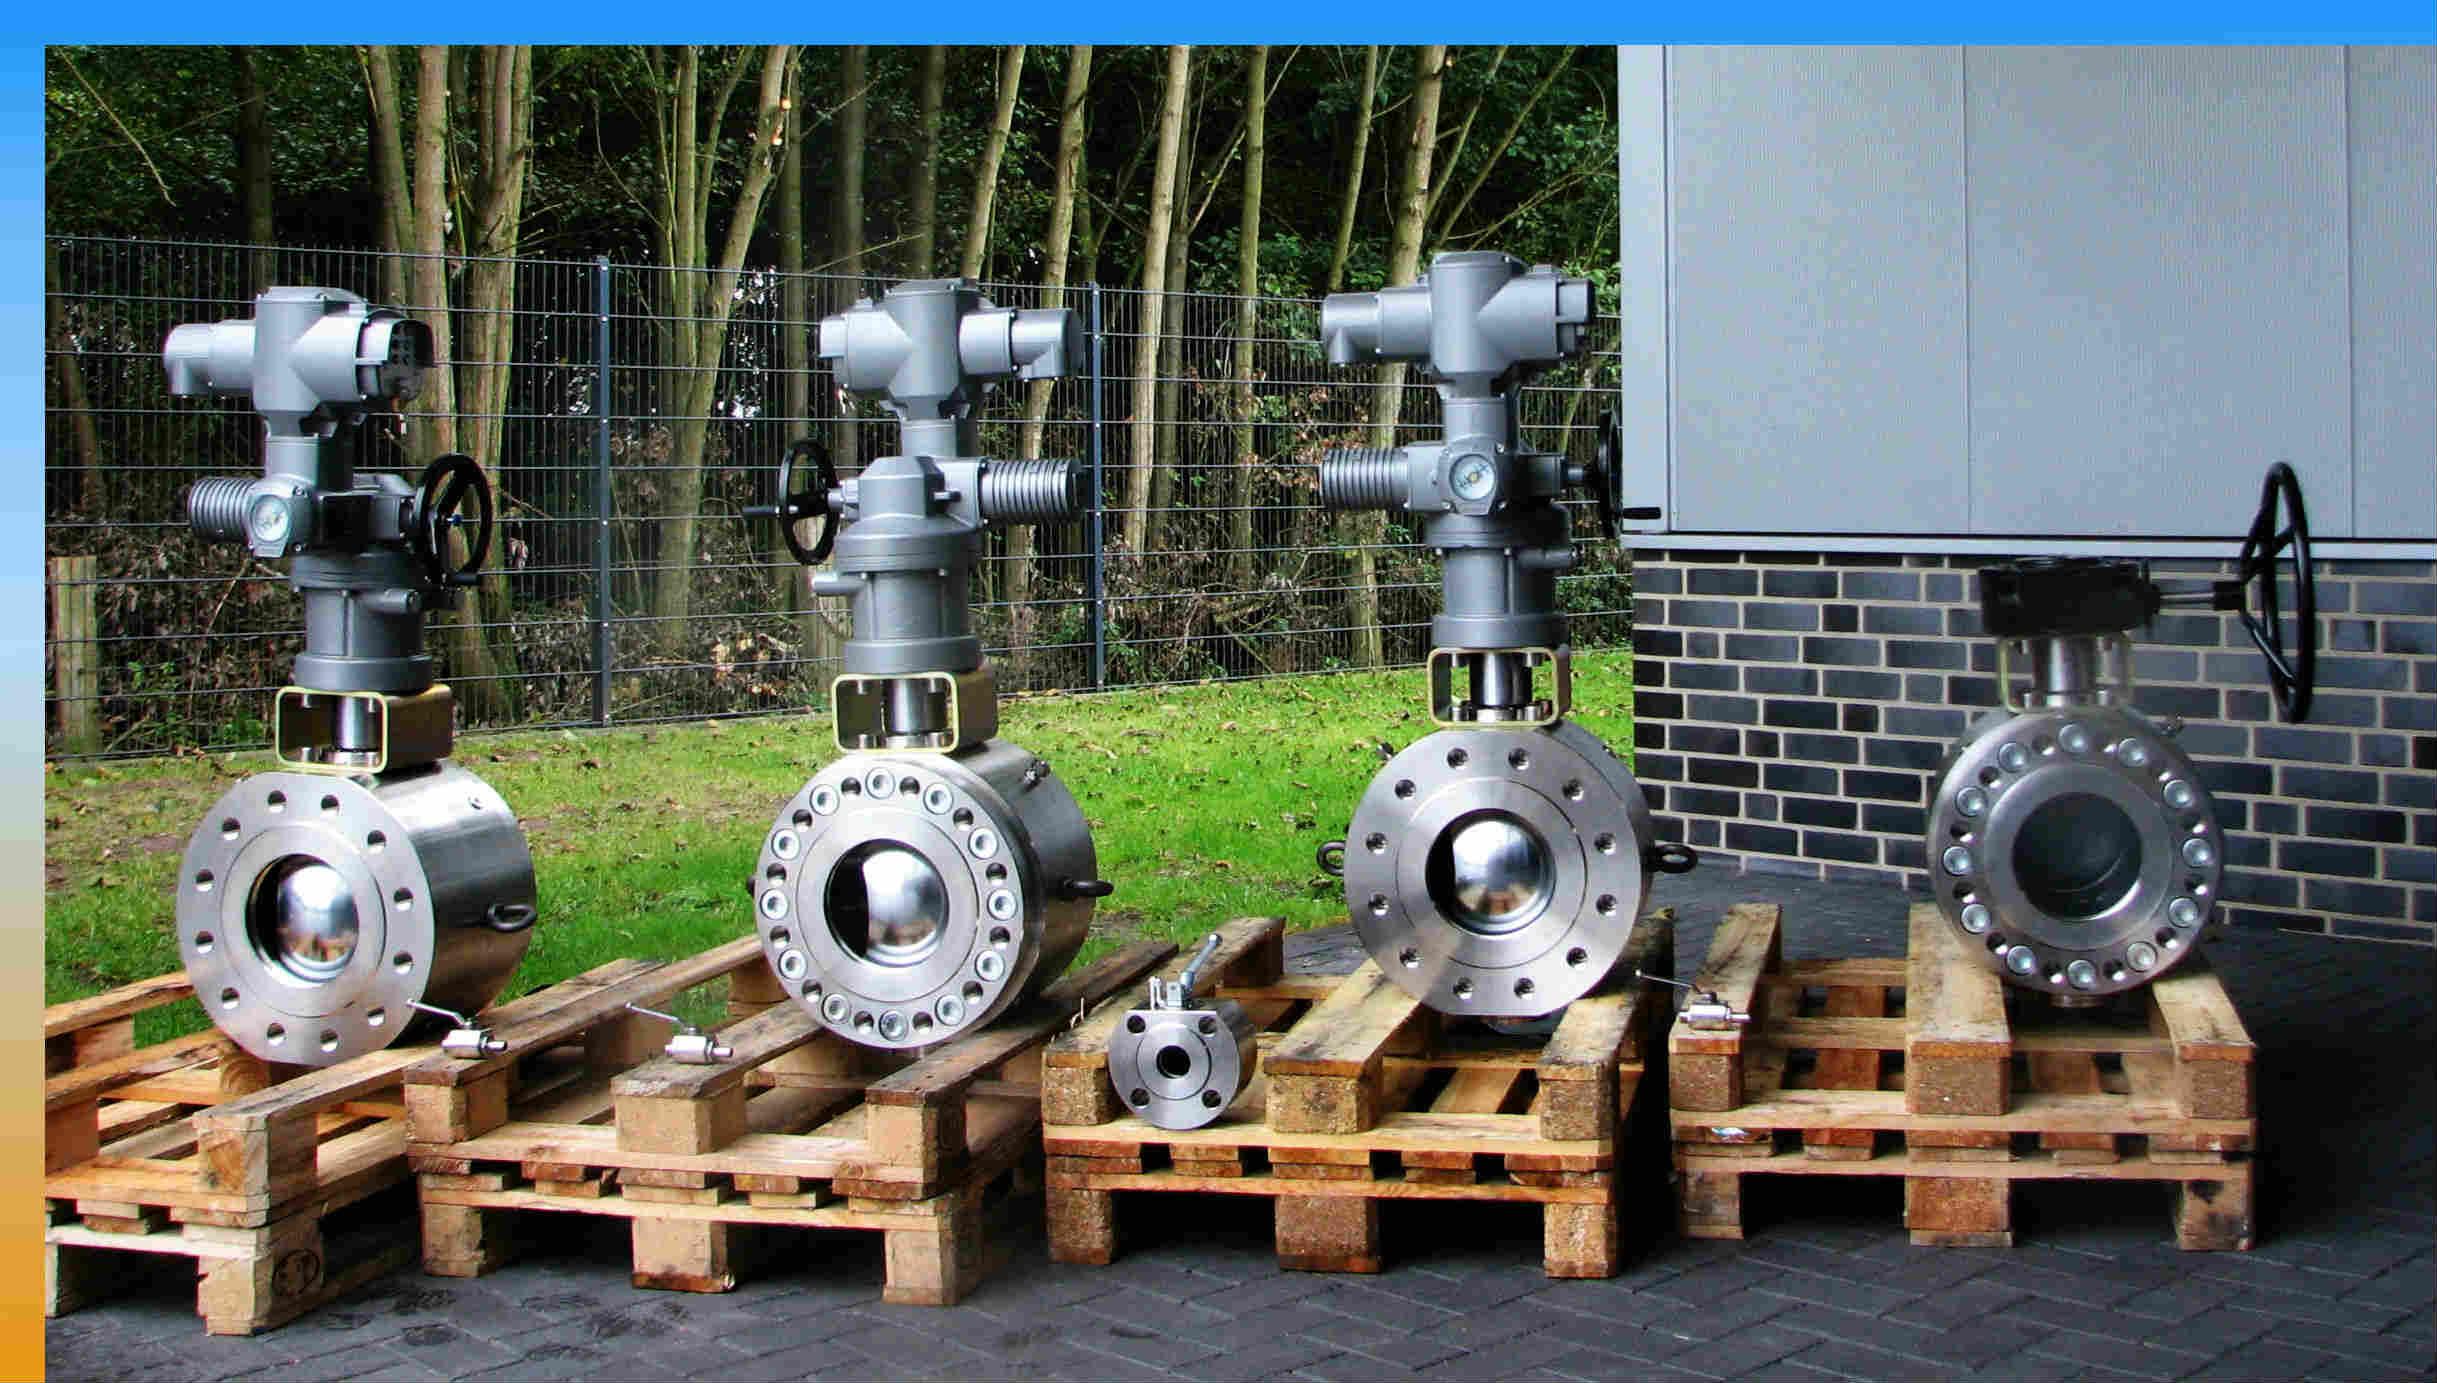 Kompaktflansch-DN-200-PN-100-AUMA-Schneckengetriebe-Bearbeitet-4